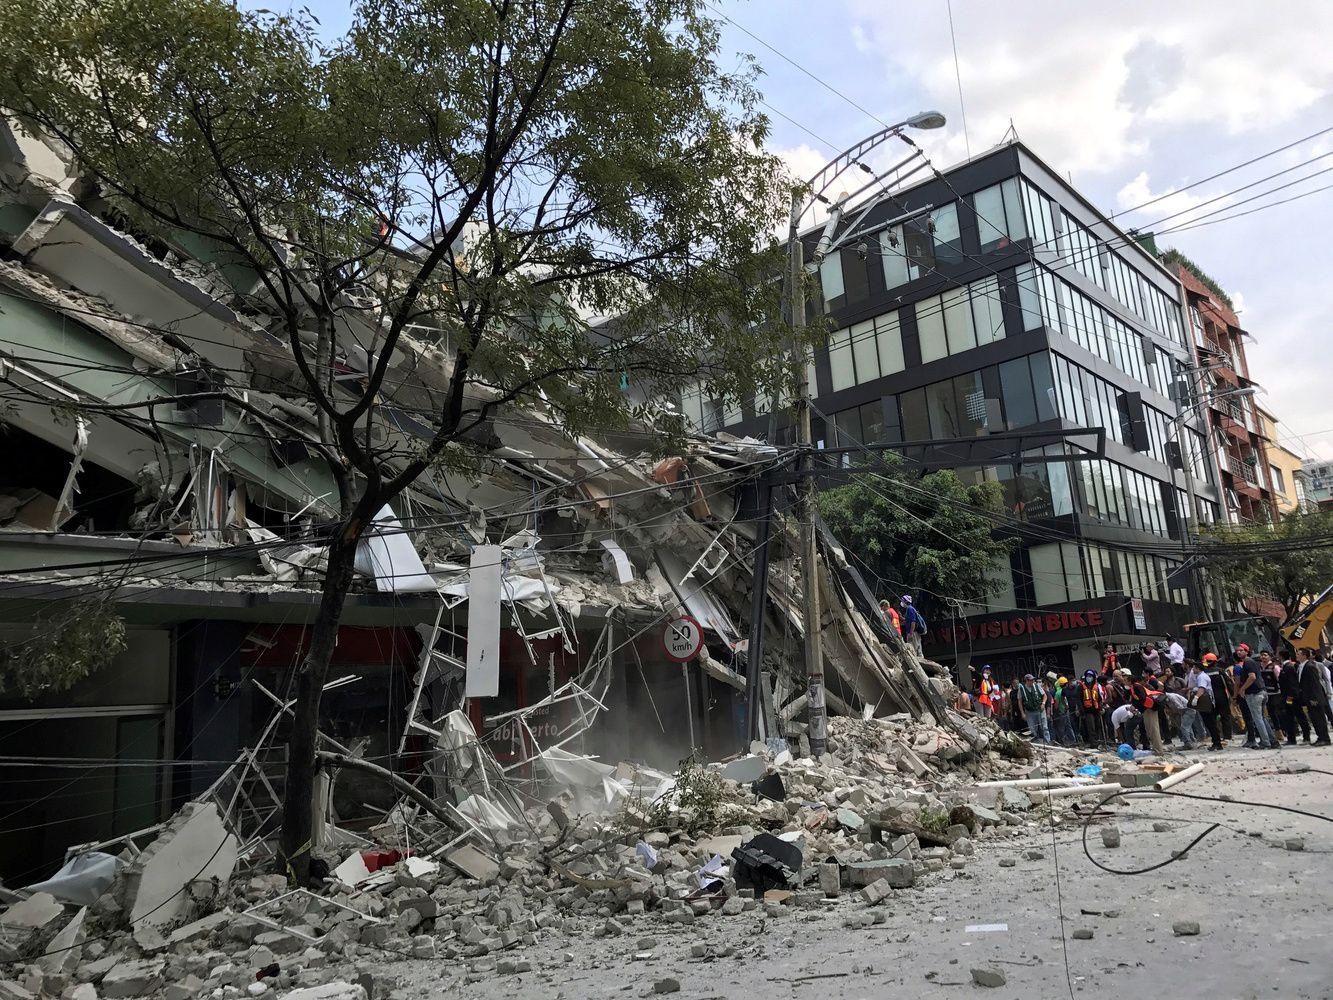 Žemės drebėjimas Meksikoje pražudė daugiau nei 200 žmonių